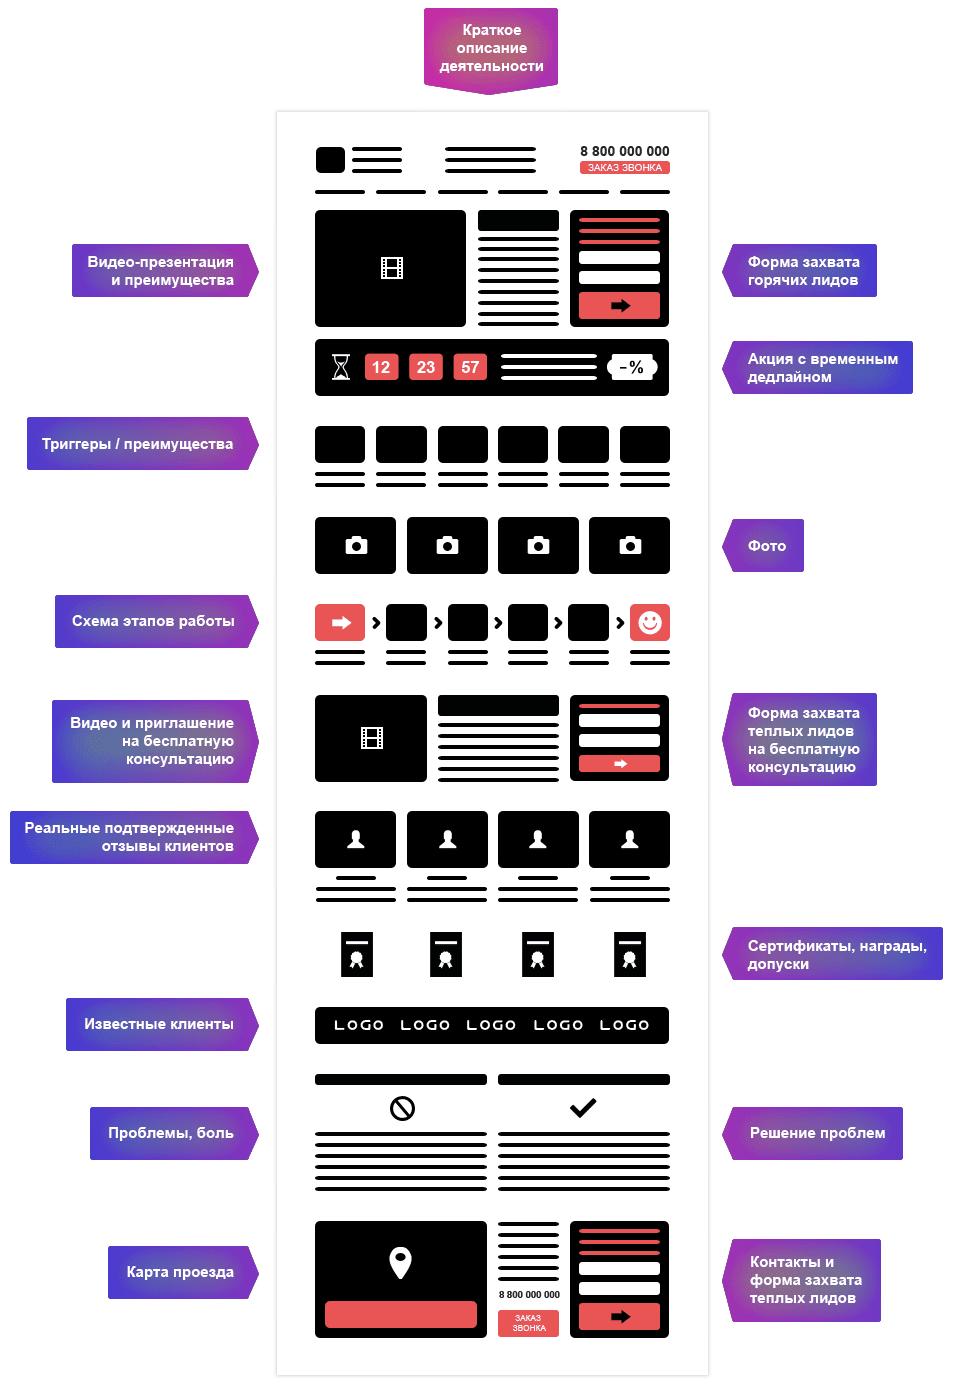 Структура целевой страницы может включать десятки элементов и триггеров